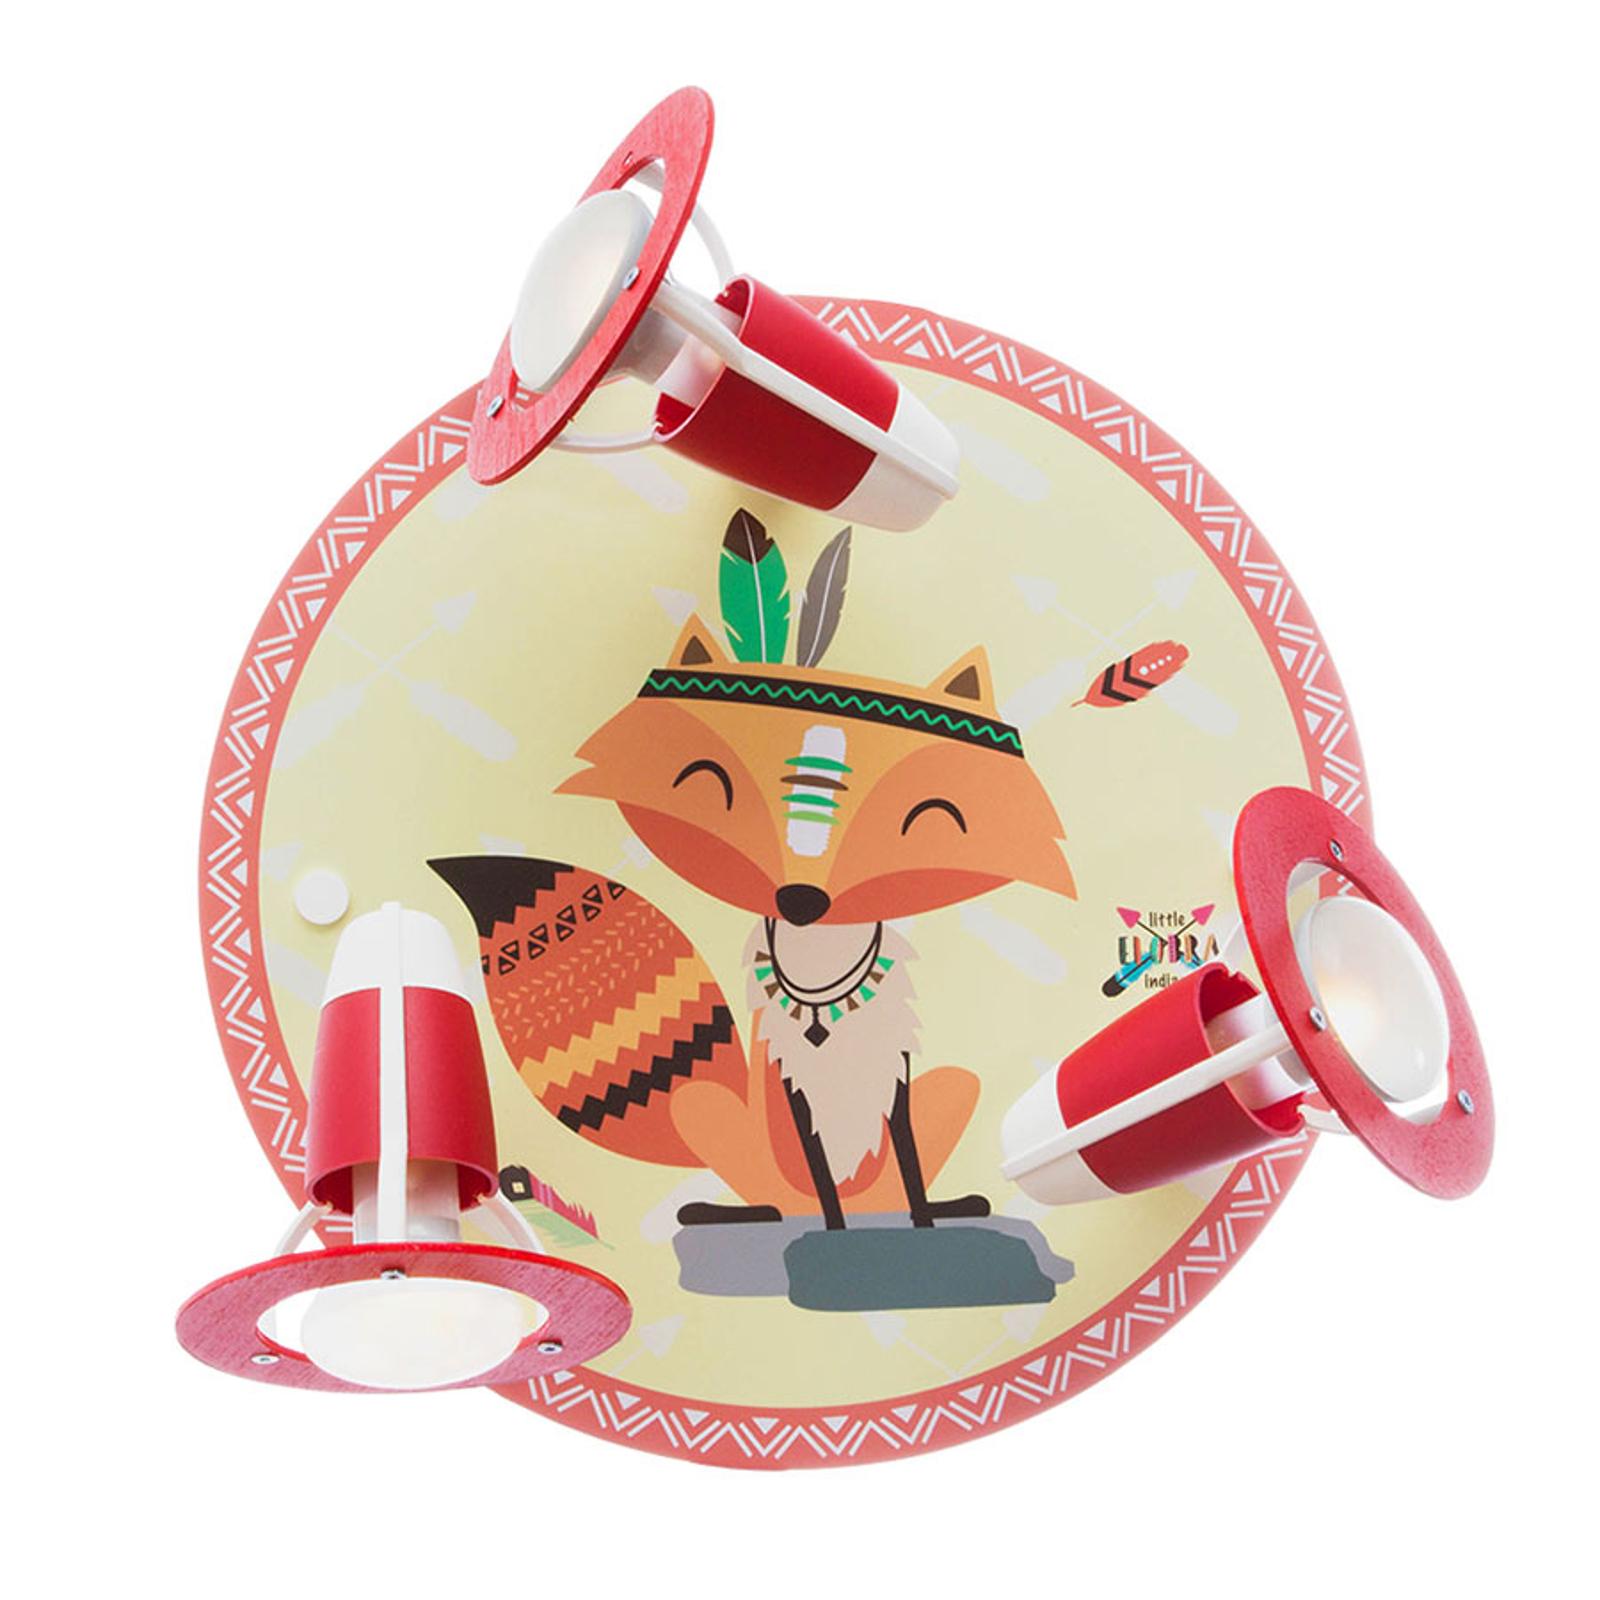 Vägglampa Little Indians, räven Filip, gul-röd